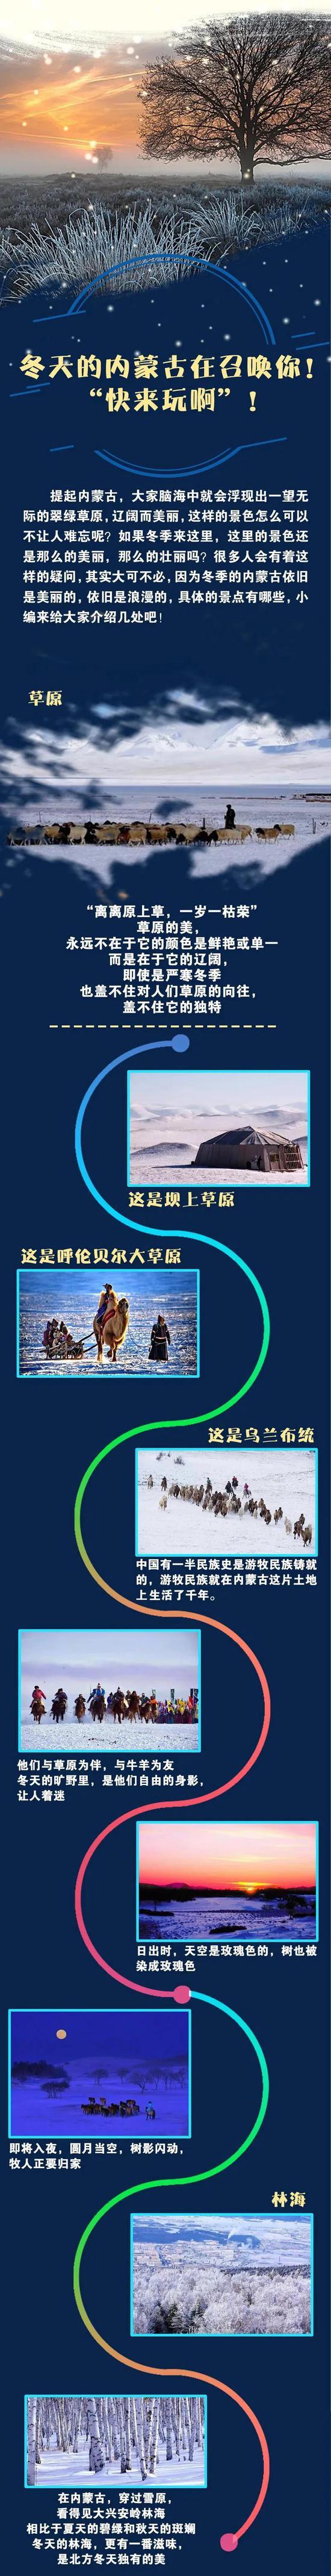 爱上内蒙古 还等什么冬天的内蒙古在召唤你